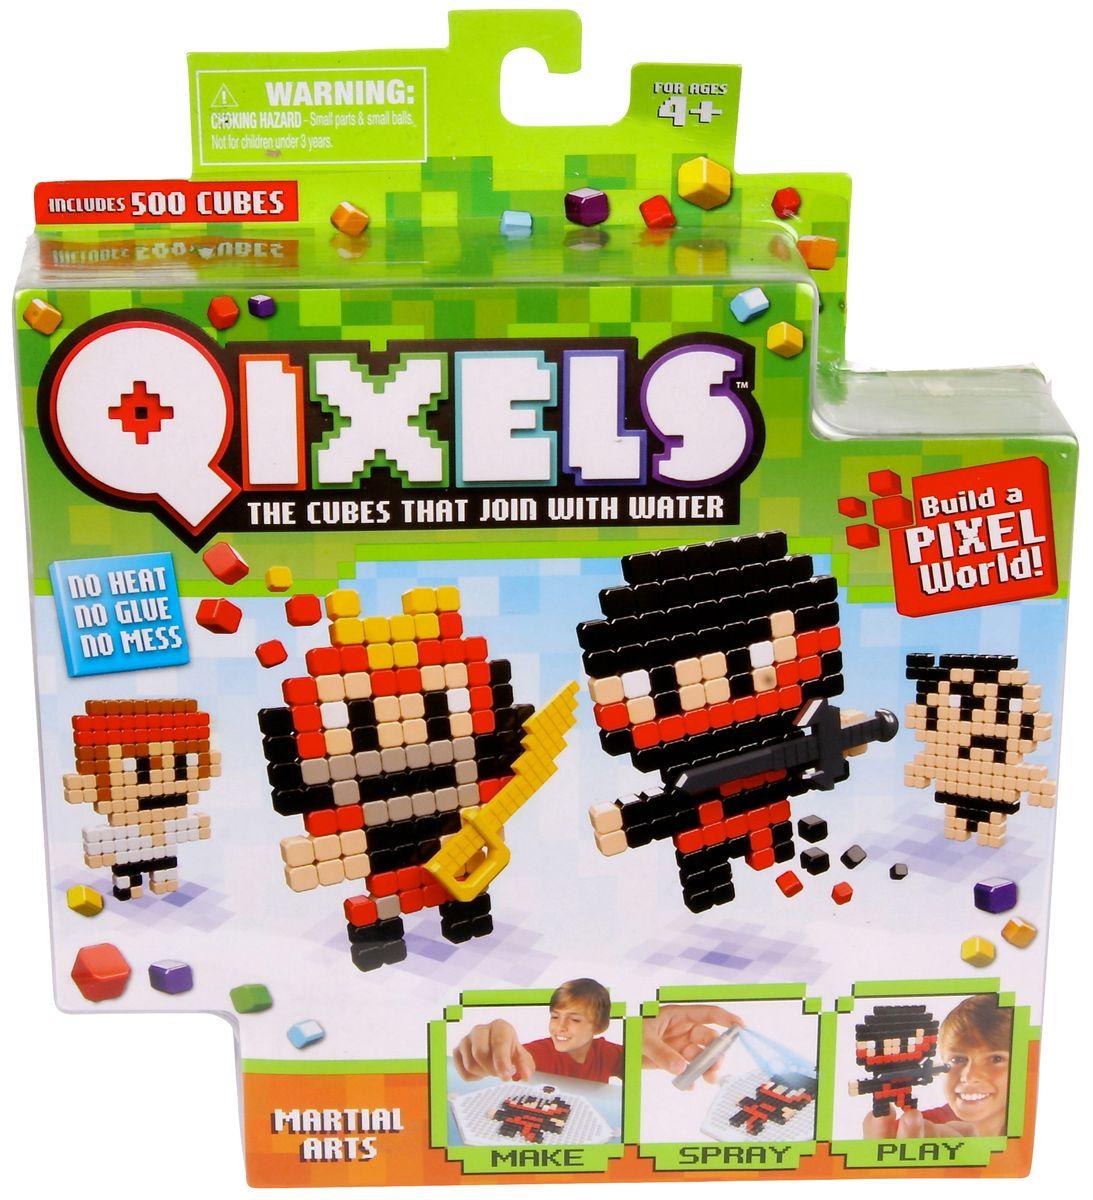 Qixels Набор для творчества Боевые искусстваQ87005Необычный набор для детского творчества Qixels Боевые искусства - это набор разноцветных кубиков и лекал, с помощью которых можно создавать забавные двухмерные игрушки собственными руками. Соберите фигурку из ярких деталей по одному из 4-х лекал, входящих в комплект набора, после чего обрызгайте её водой из распылителя и подождите 30 минут. После высыхания, с полученной фигуркой можно играть как с самой обычной игрушкой! С помощью лекал, входящих в набор, Вы сможете создать 4 разные фигурки человечков, одетых в костюмы, характерные для различных боевых искусств. Также Вы можете проявить воображение и нарисовать собственные лекала или же фантазировать на совершенно свободные темы! В комплект набора входит: 500 x кубиков 1 x дизайн лоток 4 x цветных дизайн лекала 1 x опора 1 x база 2 x аксессуара 1 x бирка с нитью 1 x распылитель для воды 1 x инструкция